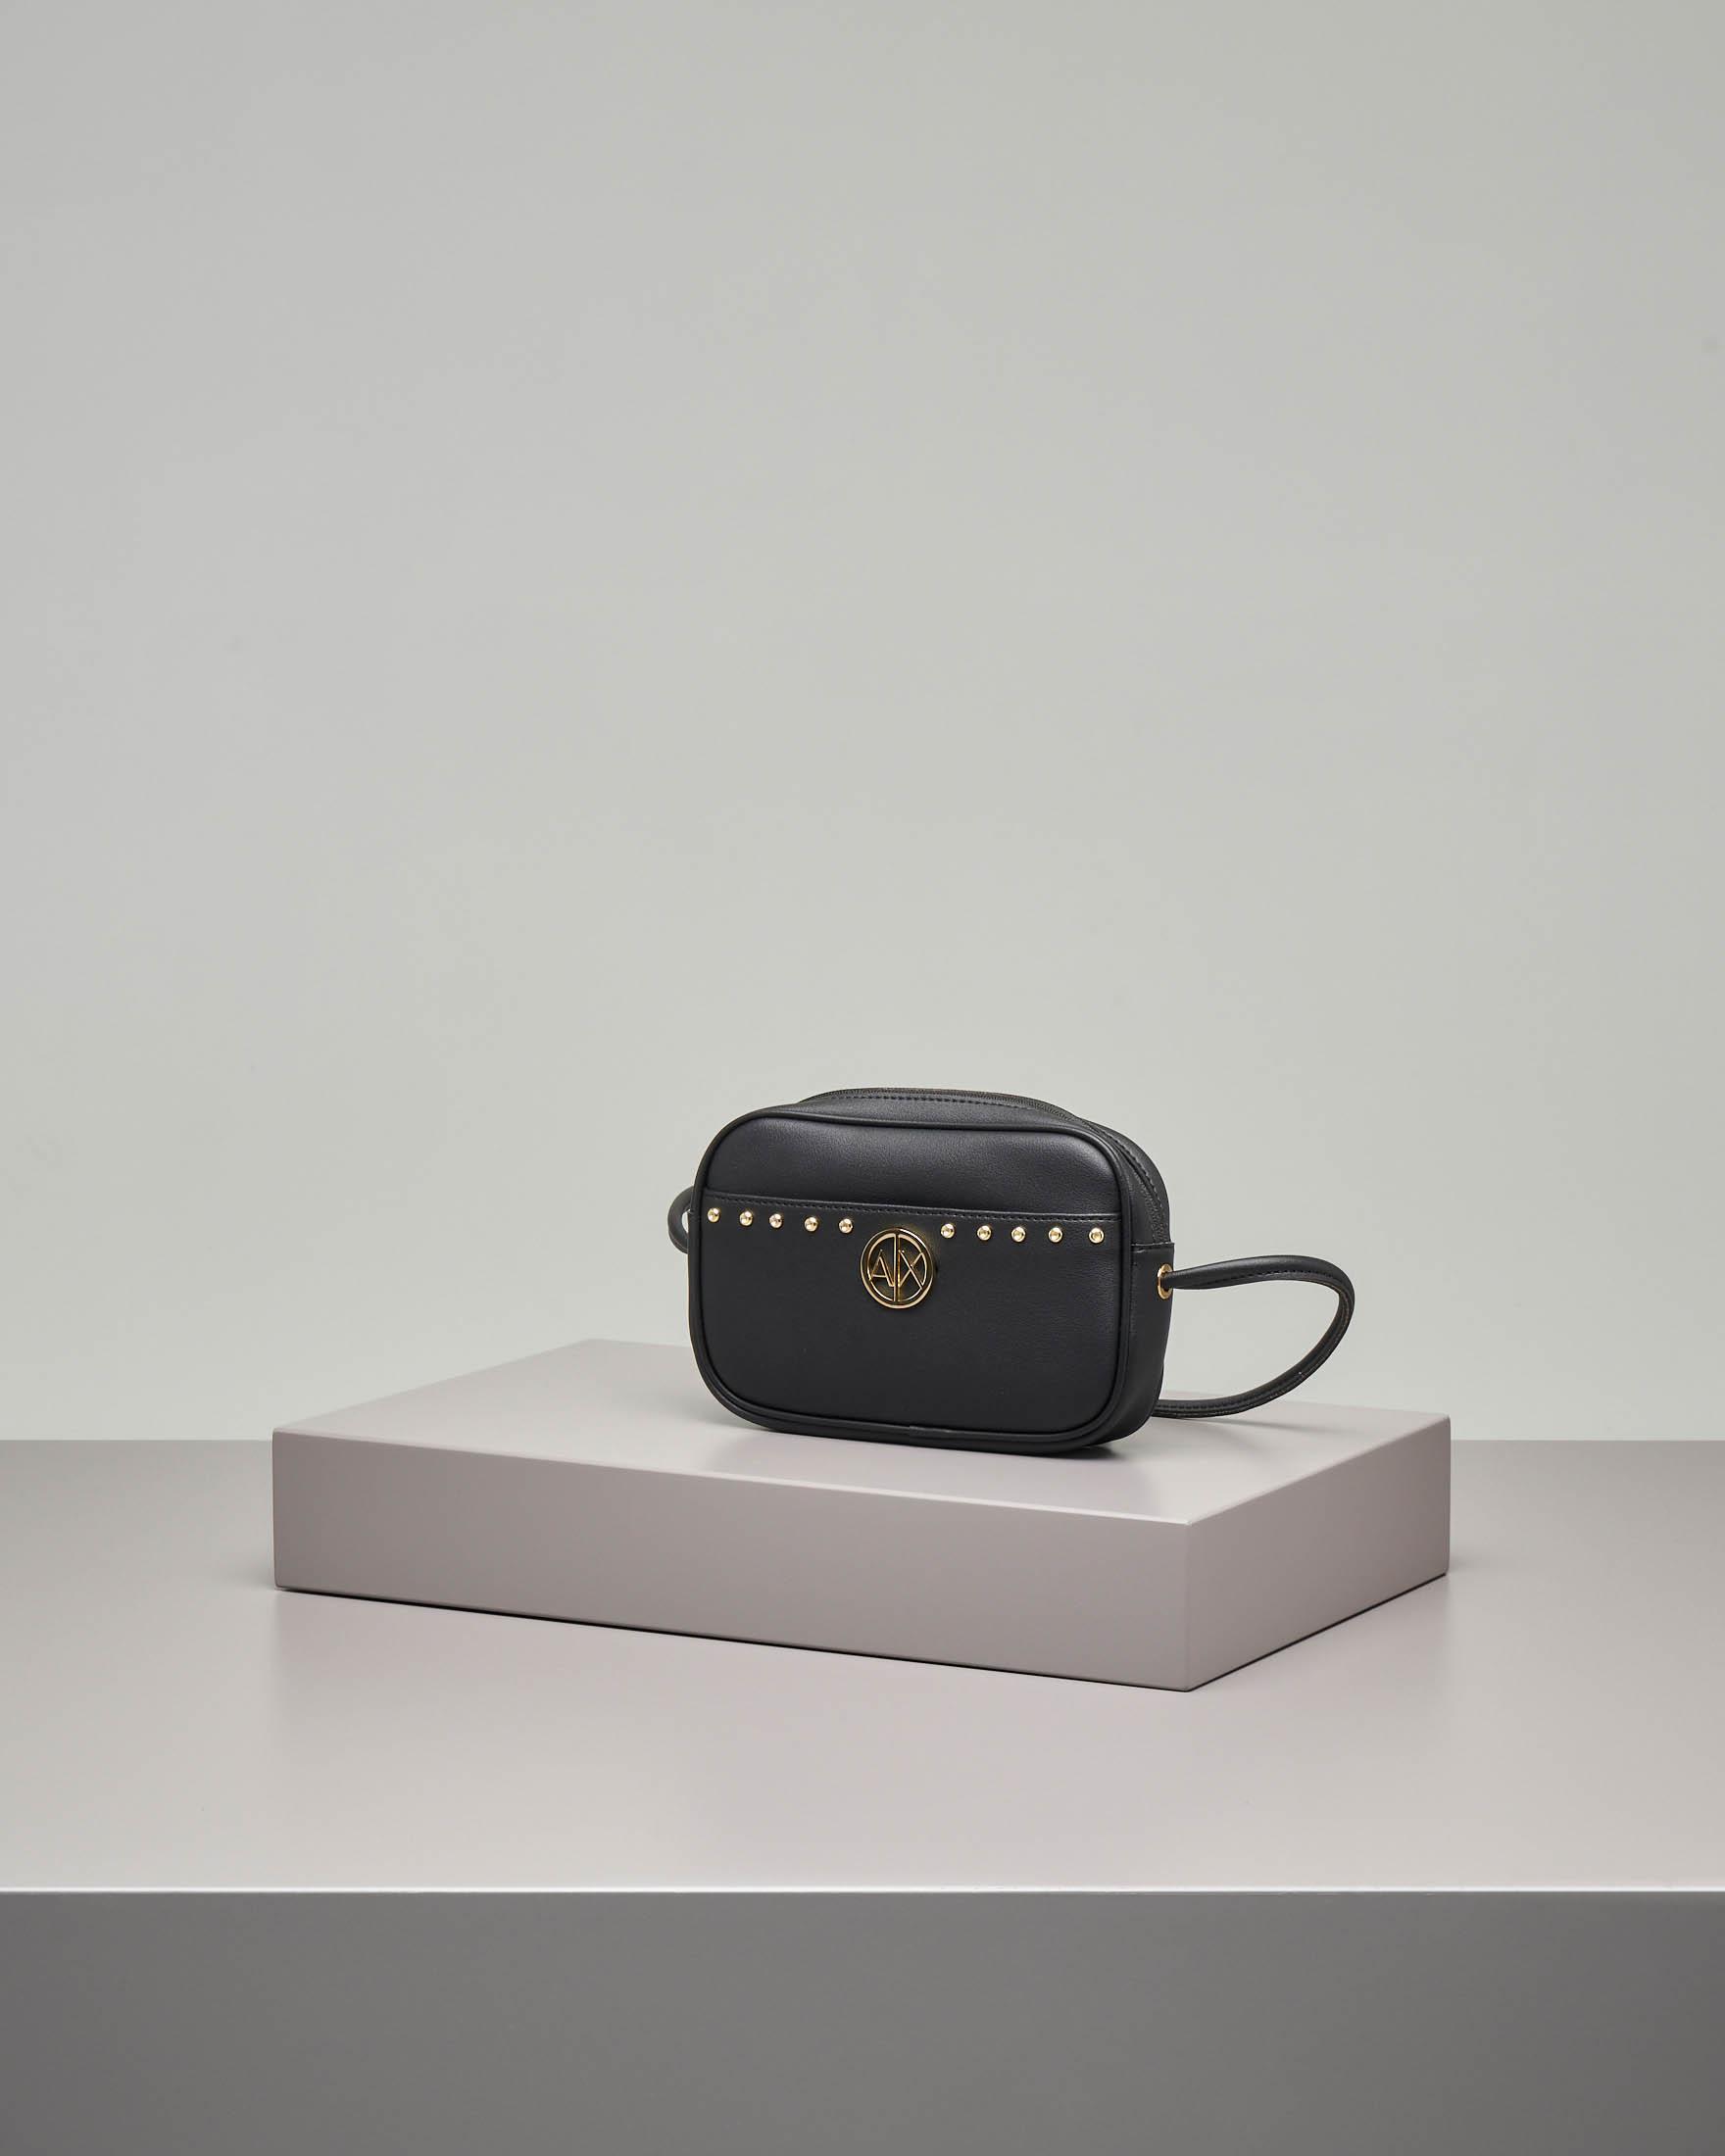 Cross bag nera in ecopelle effetto liscio con borchie e logo in metallo